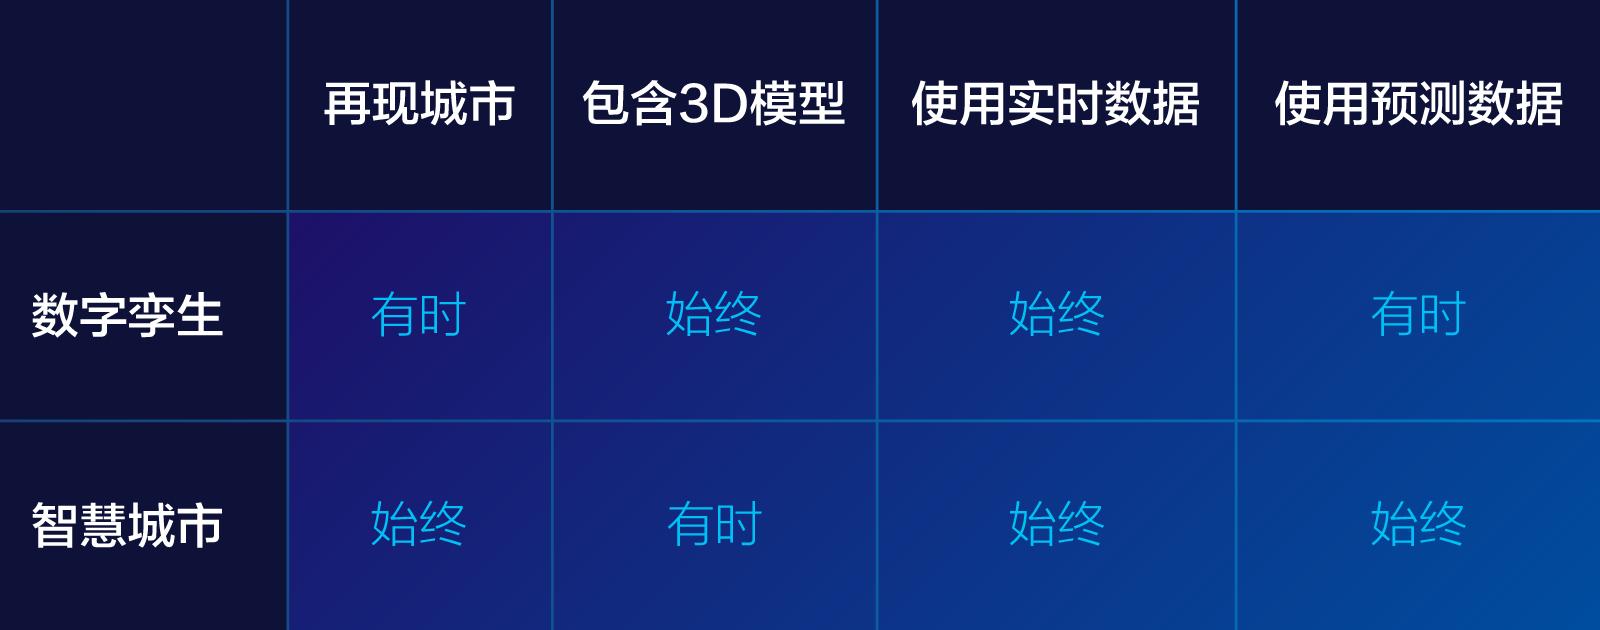 Digital Twin Chart CN